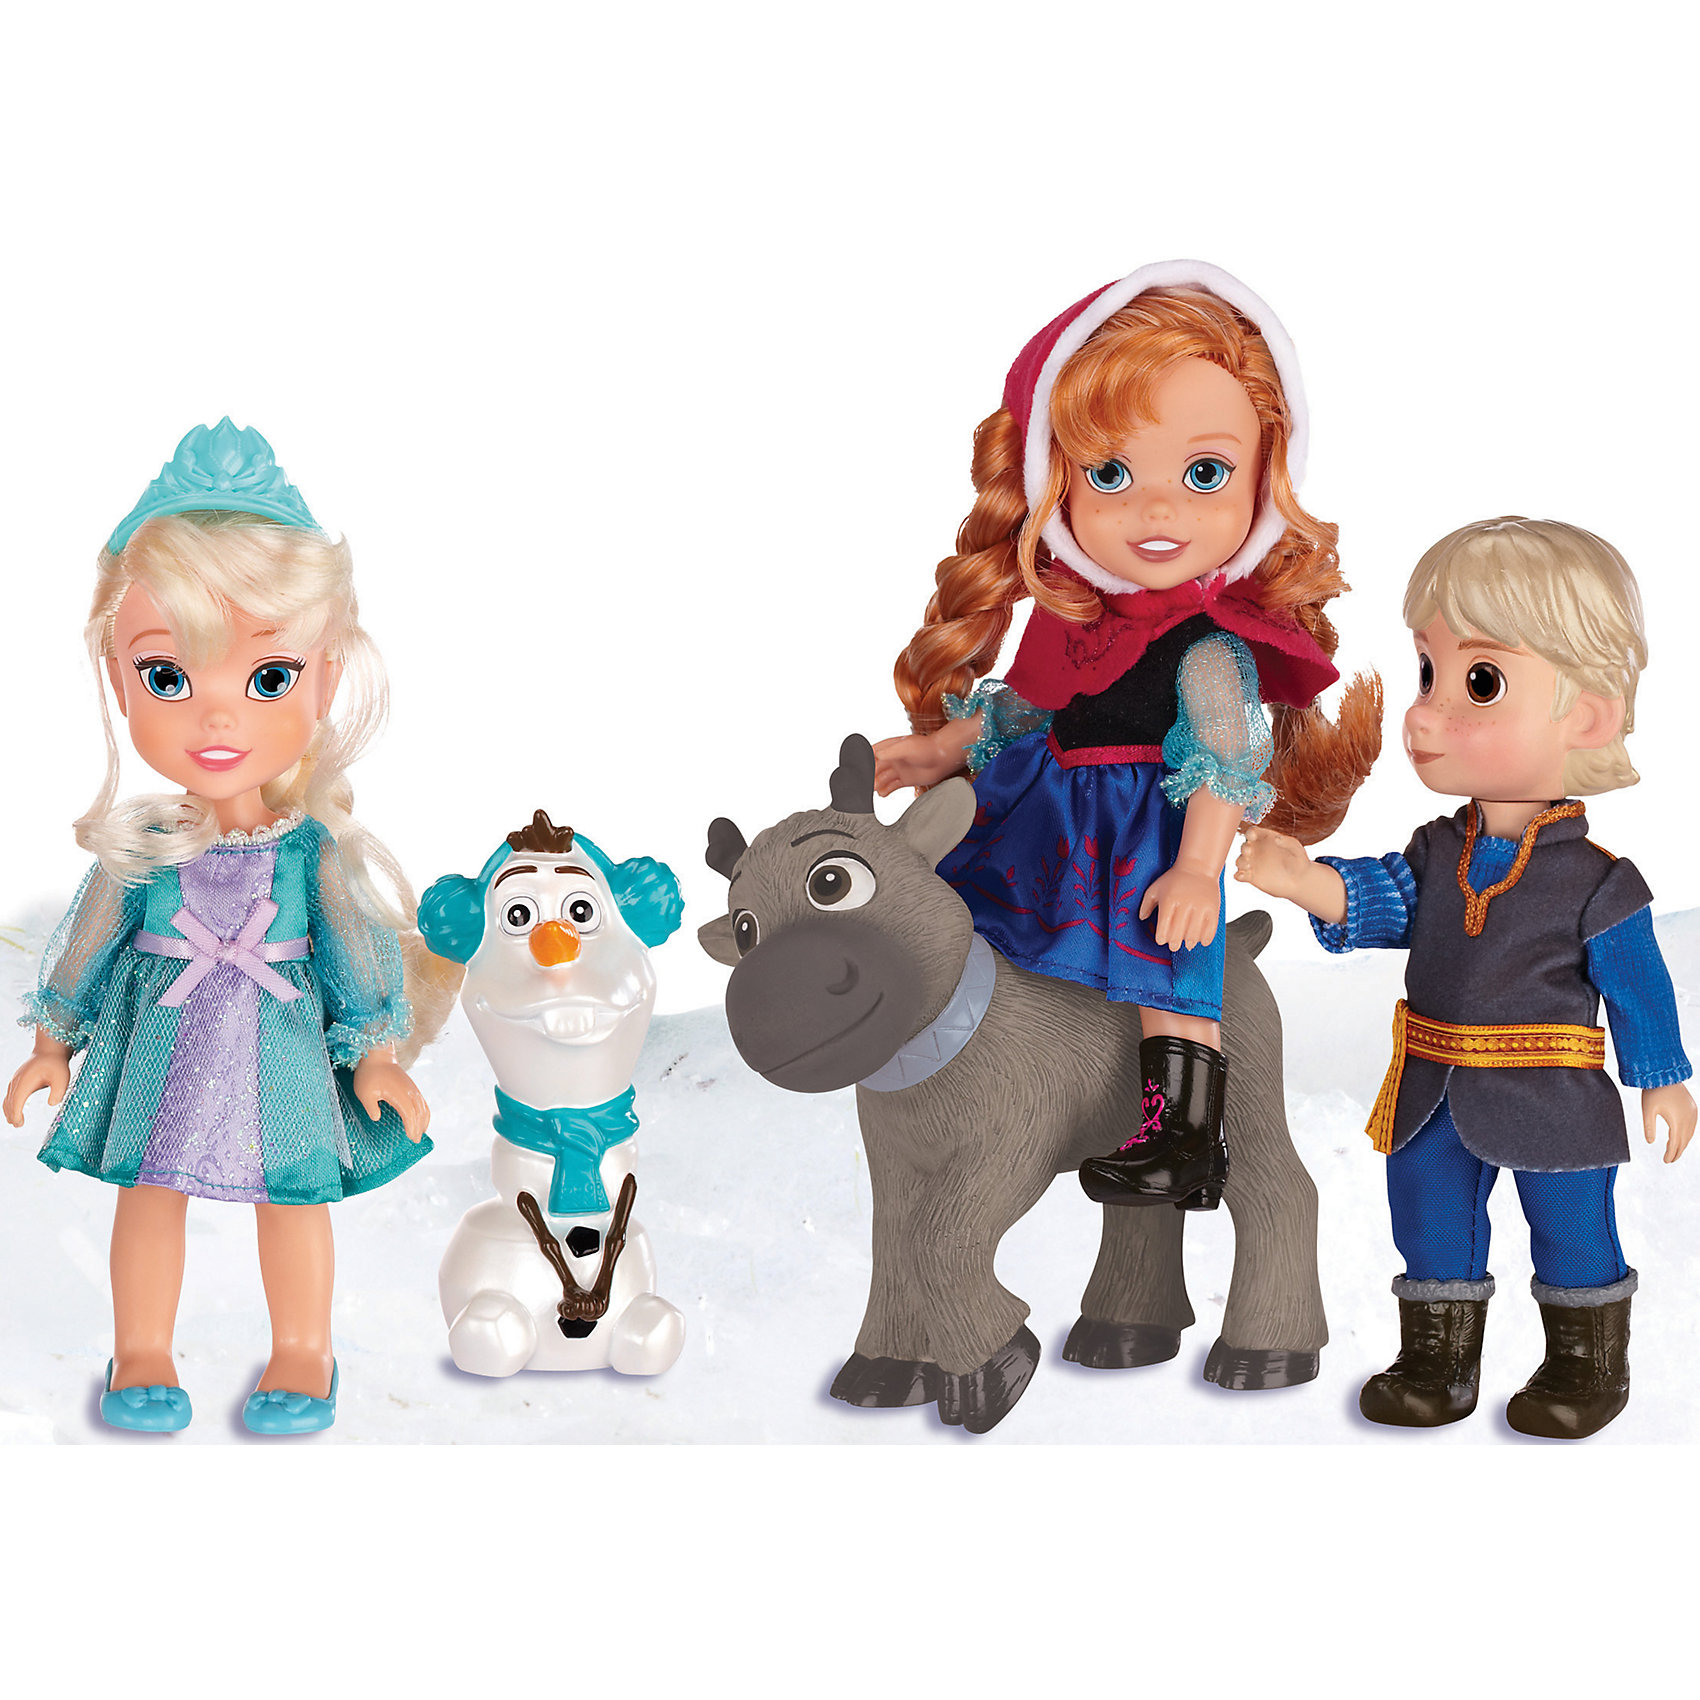 Игровой набор 5 кукол, 15 см, Холодное СердцеИгрушки<br>Это набор приведет в восторг всех поклонниц мультфильма Холодное сердце! В нем целых 5 фигурок любимых героев: Эльза, Анна, Стивен, а также Свен (олень) и Олаф (снеговик). Все куколки прекрасно детализированы и реалистично раскрашены, очень похожи на персонажей мультфильма. <br><br>Дополнительная информация:<br><br>- Материал: пластик, текстиль. <br>- Размер фигурок Эльзы, Стивена, Анны: 15 см. <br>- Голова, руки, ноги Эльзы, Стивена, Анны подвижные. <br>- 5 фигурок в наборе. <br><br>Игровой набор 5 кукол, 15 см, Холодное Сердце (Frozen), можно купить в нашем магазине.<br><br>Ширина мм: 370<br>Глубина мм: 260<br>Высота мм: 90<br>Вес г: 780<br>Возраст от месяцев: 36<br>Возраст до месяцев: 120<br>Пол: Женский<br>Возраст: Детский<br>SKU: 4720299